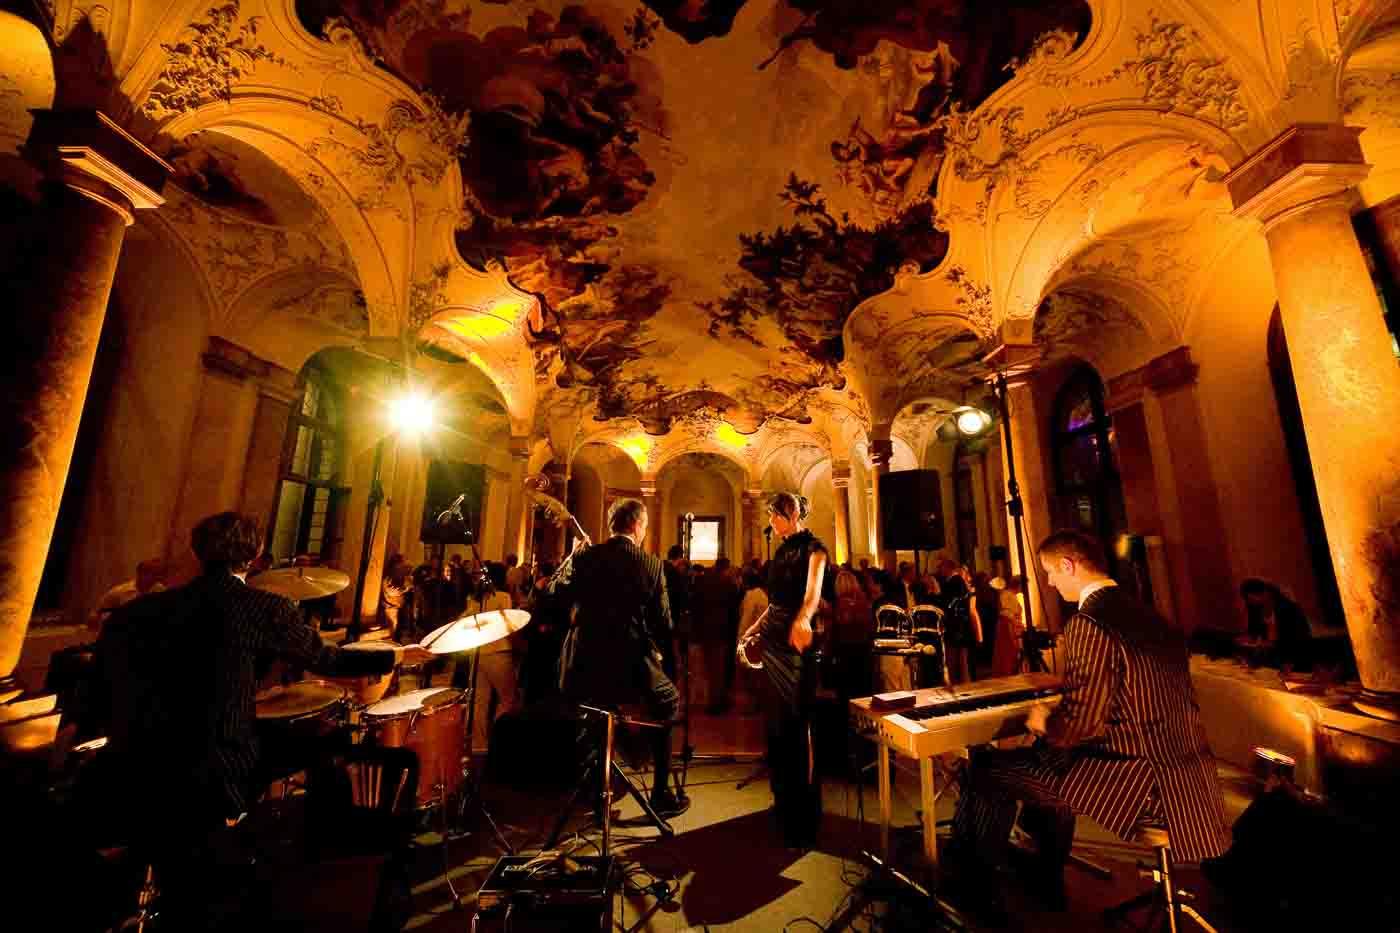 Jazzband in Barocksaal aus der Bühnenperspektive